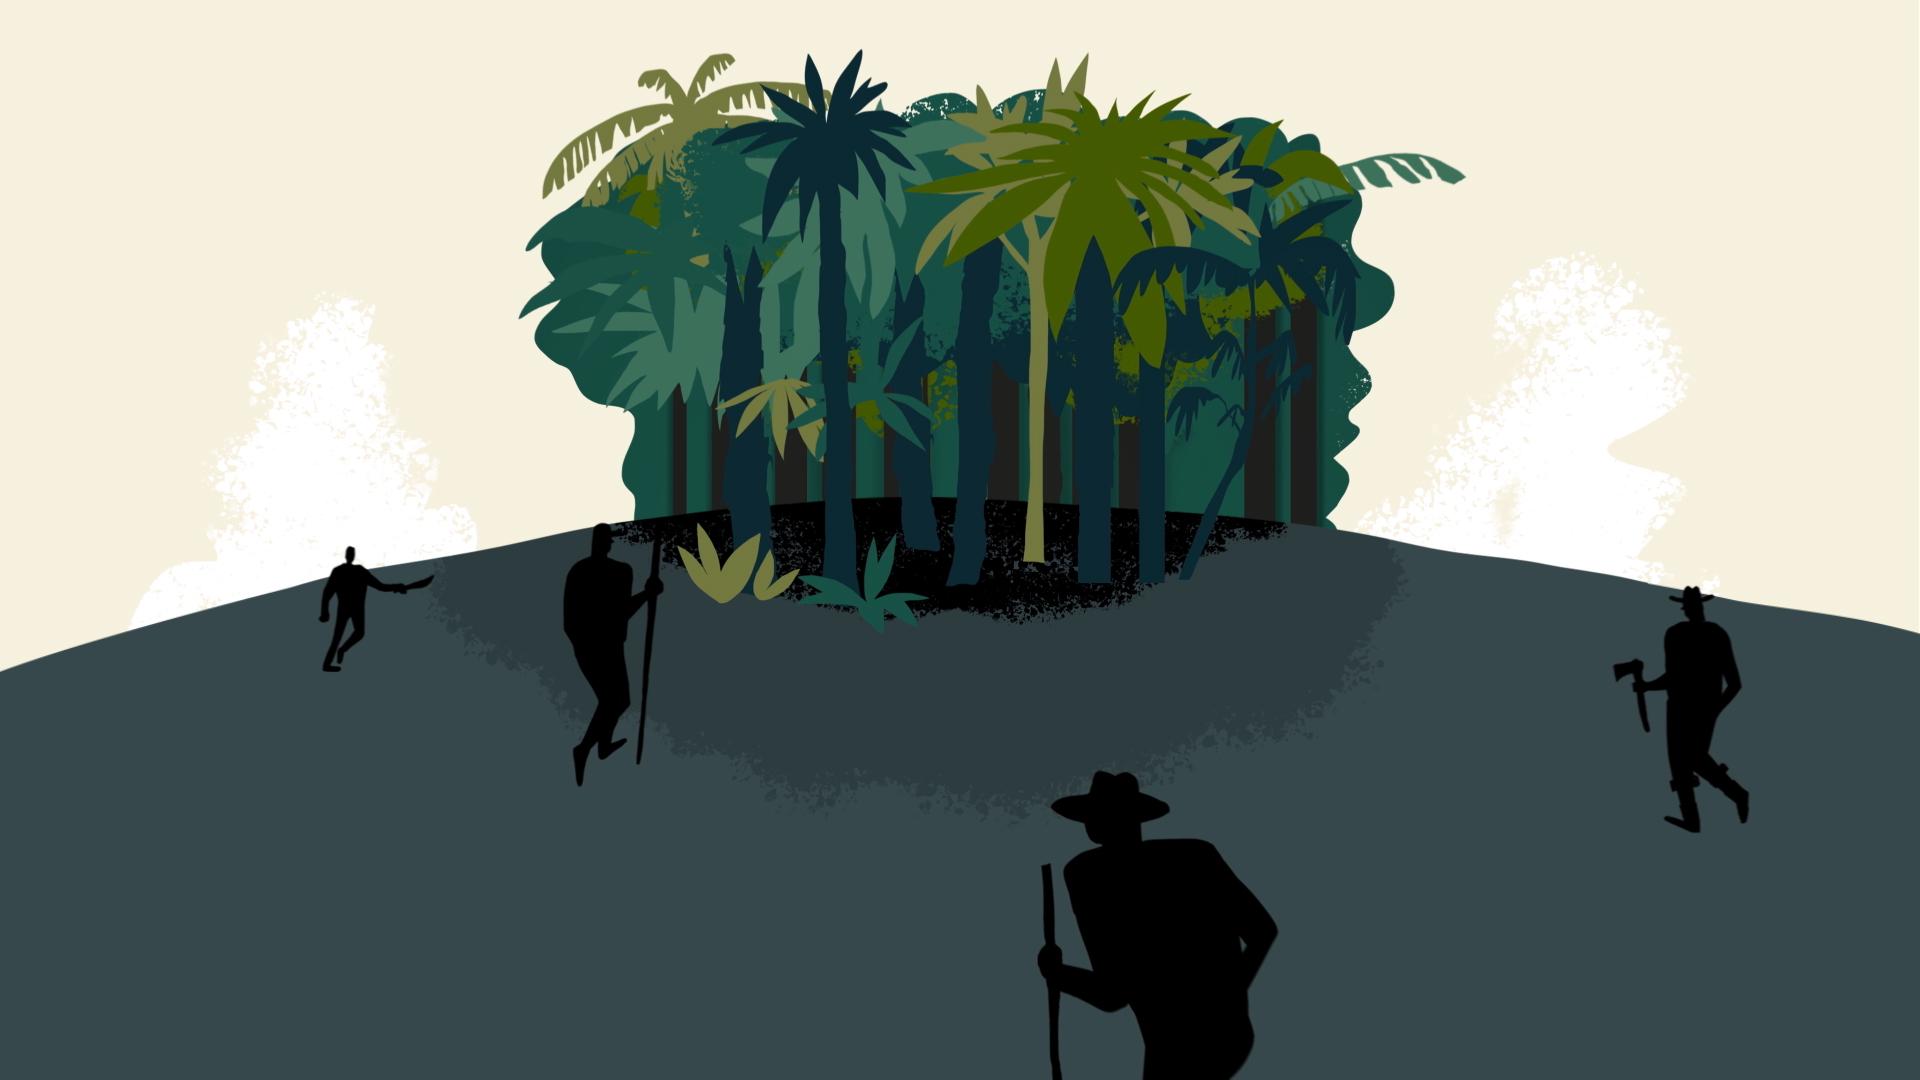 Scriberia AltForest Animation Illustration Inga Foundation Visual Thinking